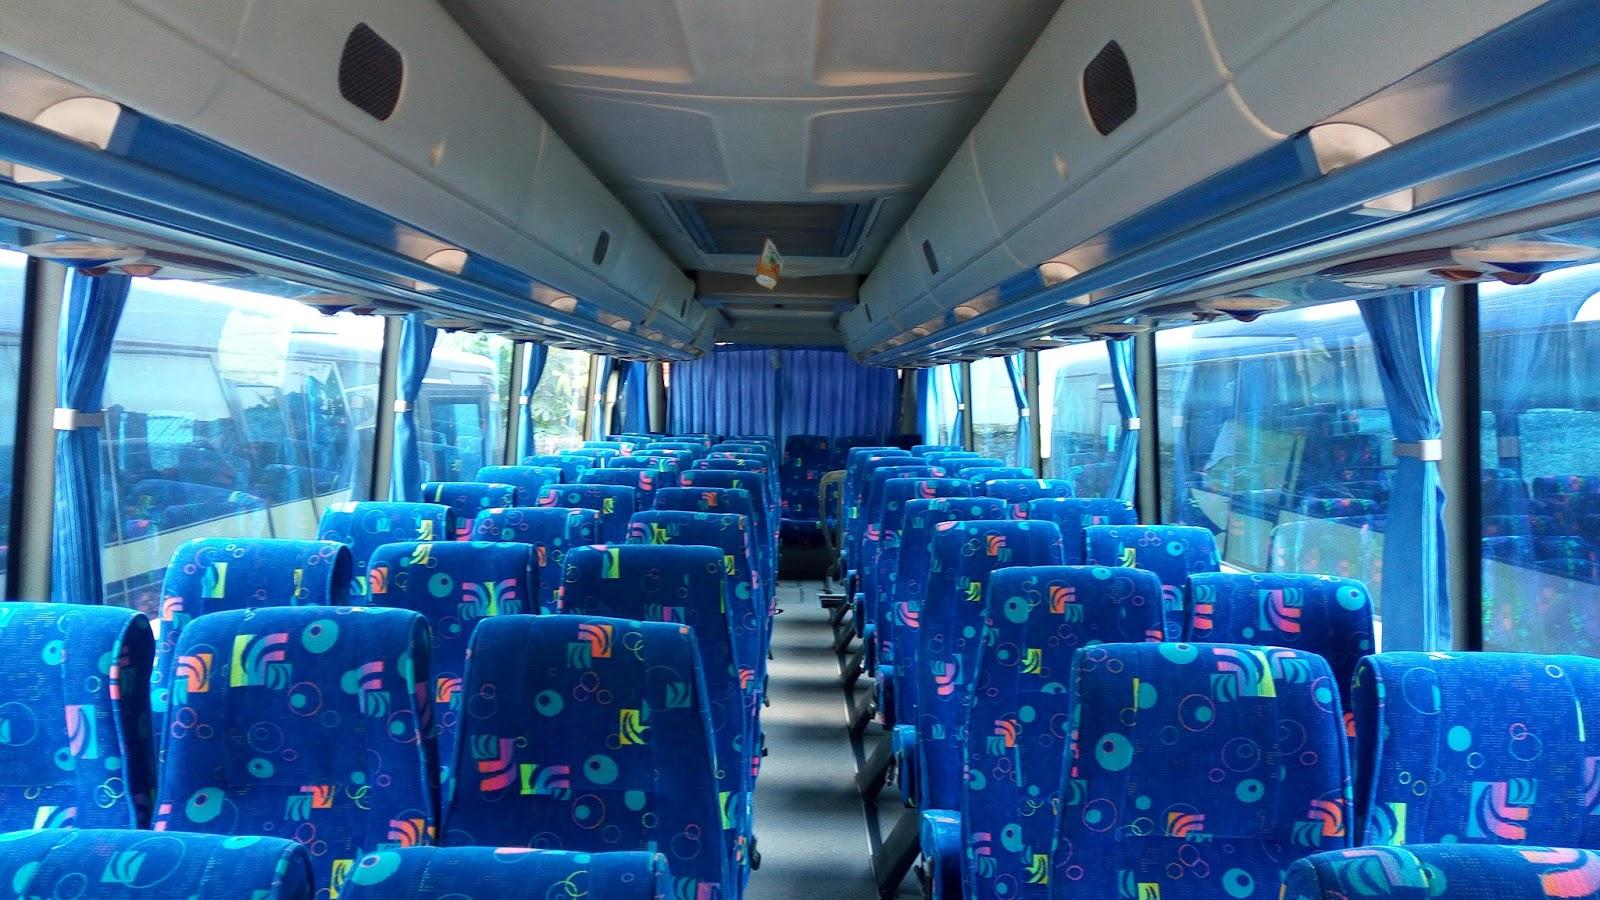 Fasilitas standar bus berkelas - Alasan Memilih Blue Star sebagai Bus Perjalanan Anda